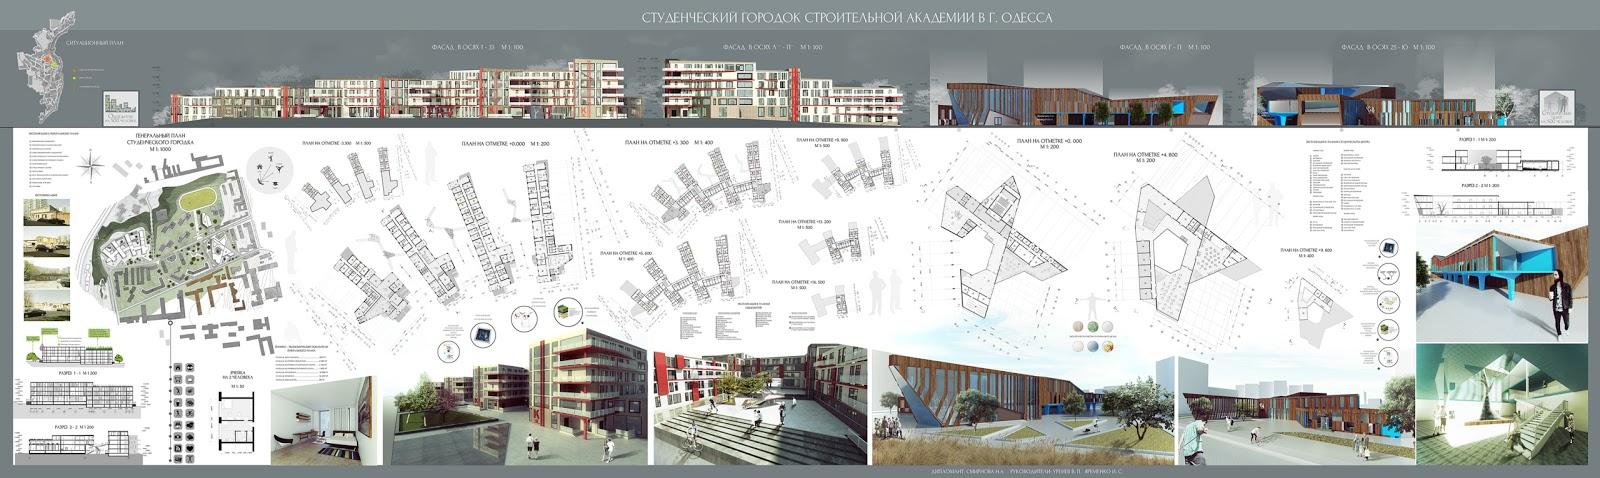 Студенческий городок дипломный проект магистра nadezhda  Студенческий городок дипломный проект магистра